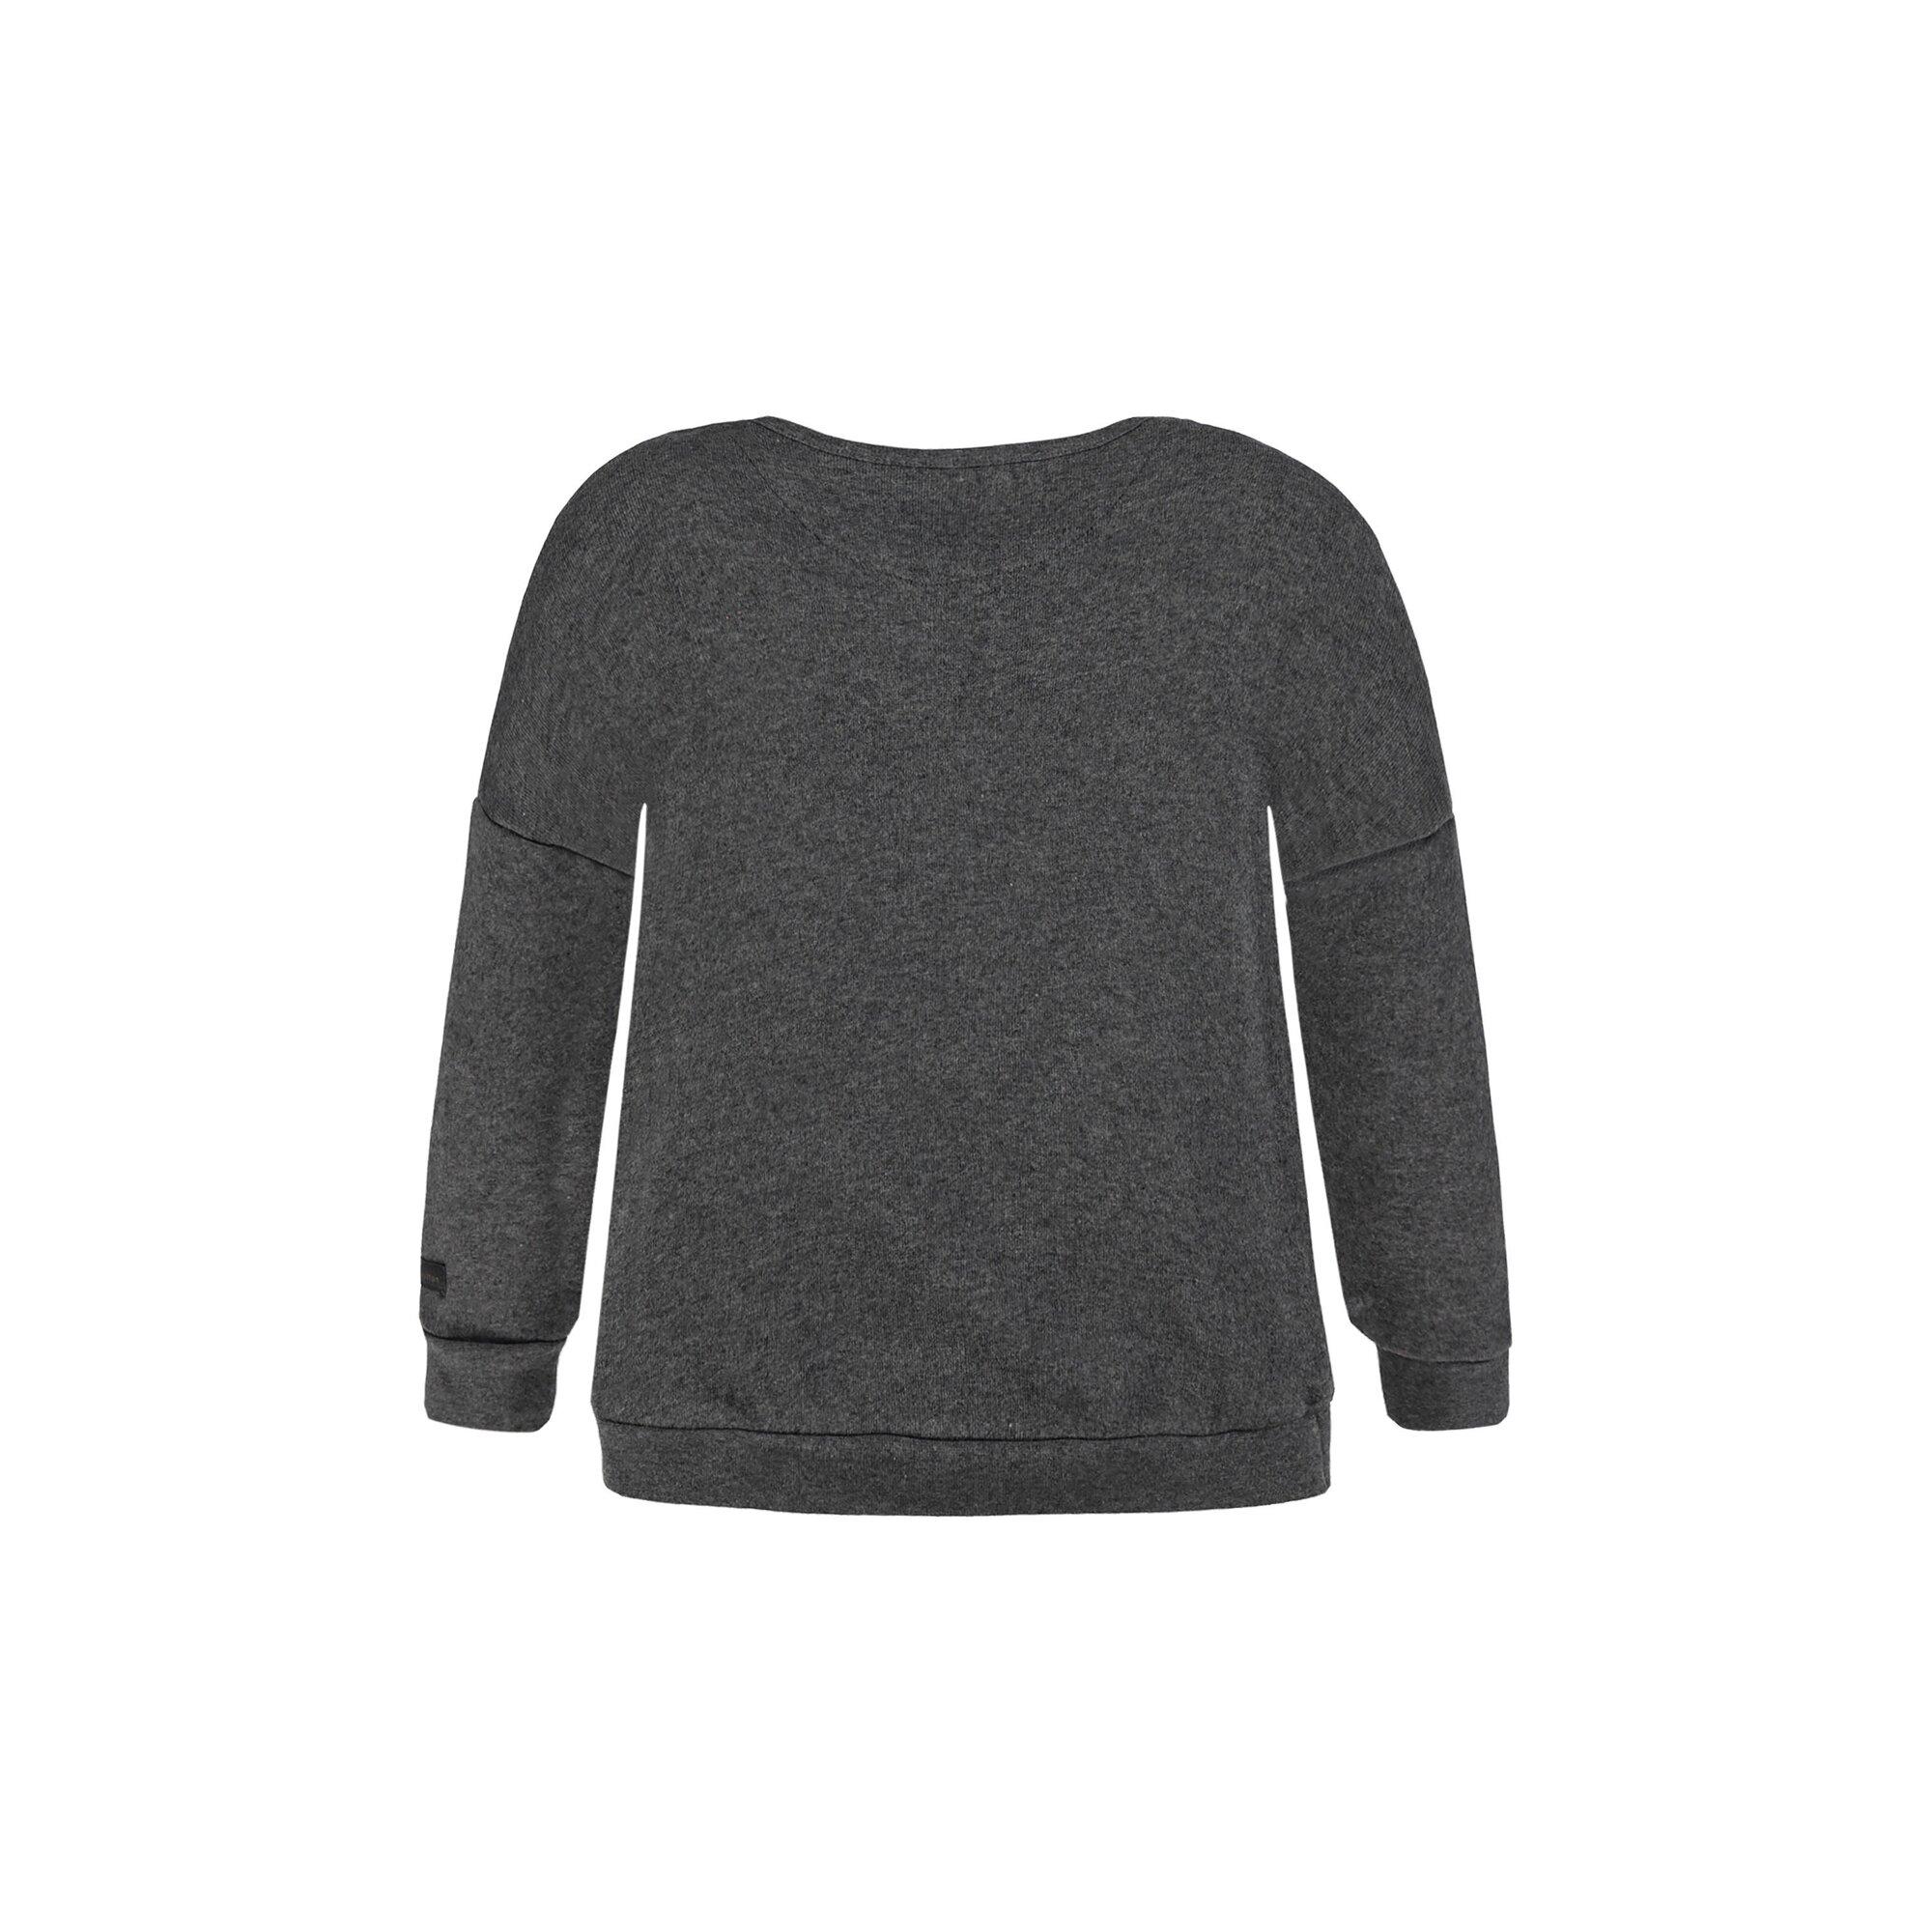 bellybutton-sweatshirt-madchen-mit-bindeband